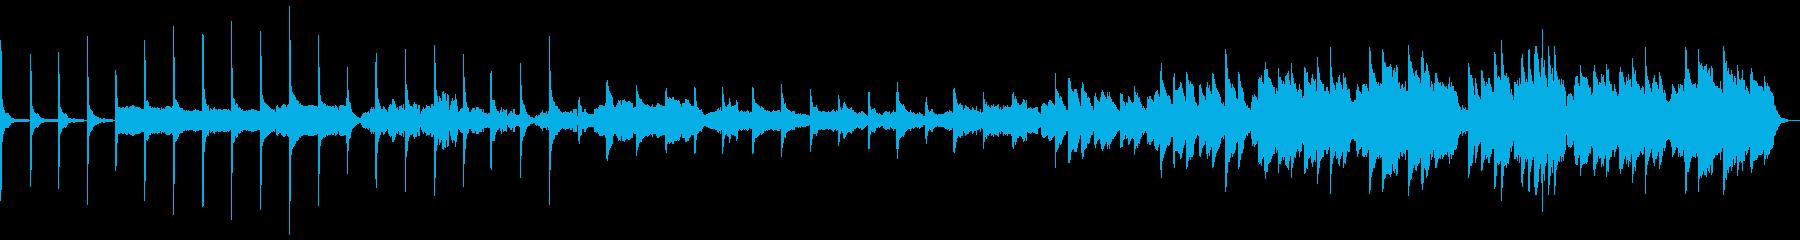 ピアノとオケ=孤独感→やや盛り上がるの再生済みの波形